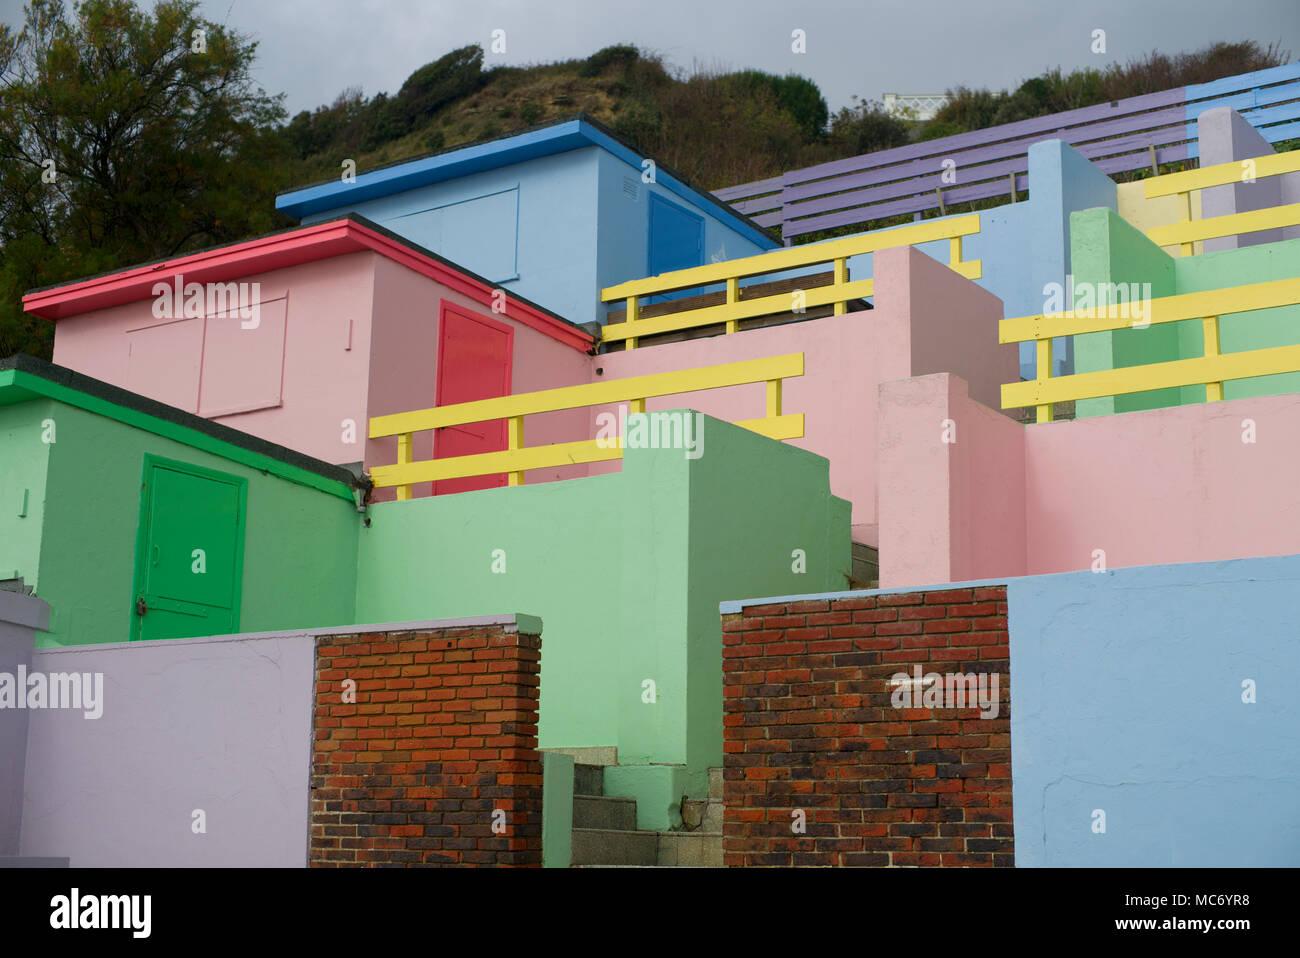 Seaside sheds, Folkestone Kent - Stock Image